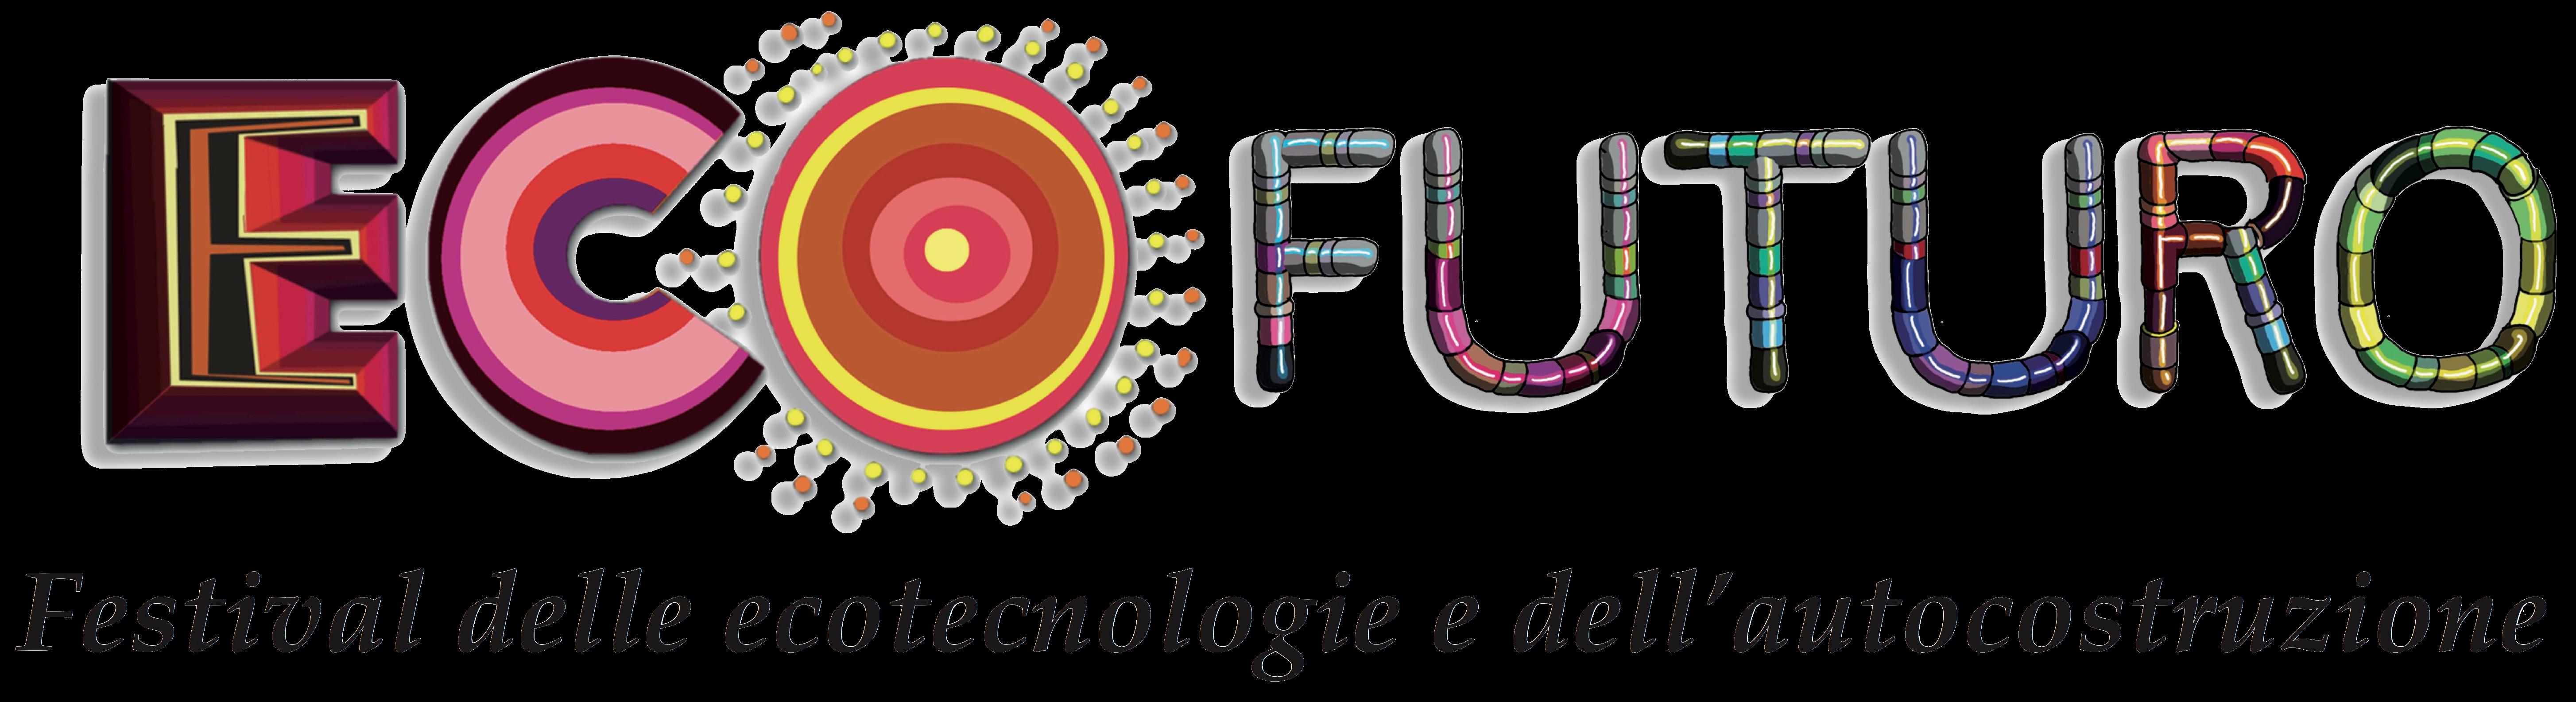 Torna ECOFUTURO il Festival delle ecotecnologie e dell'autocostruzione